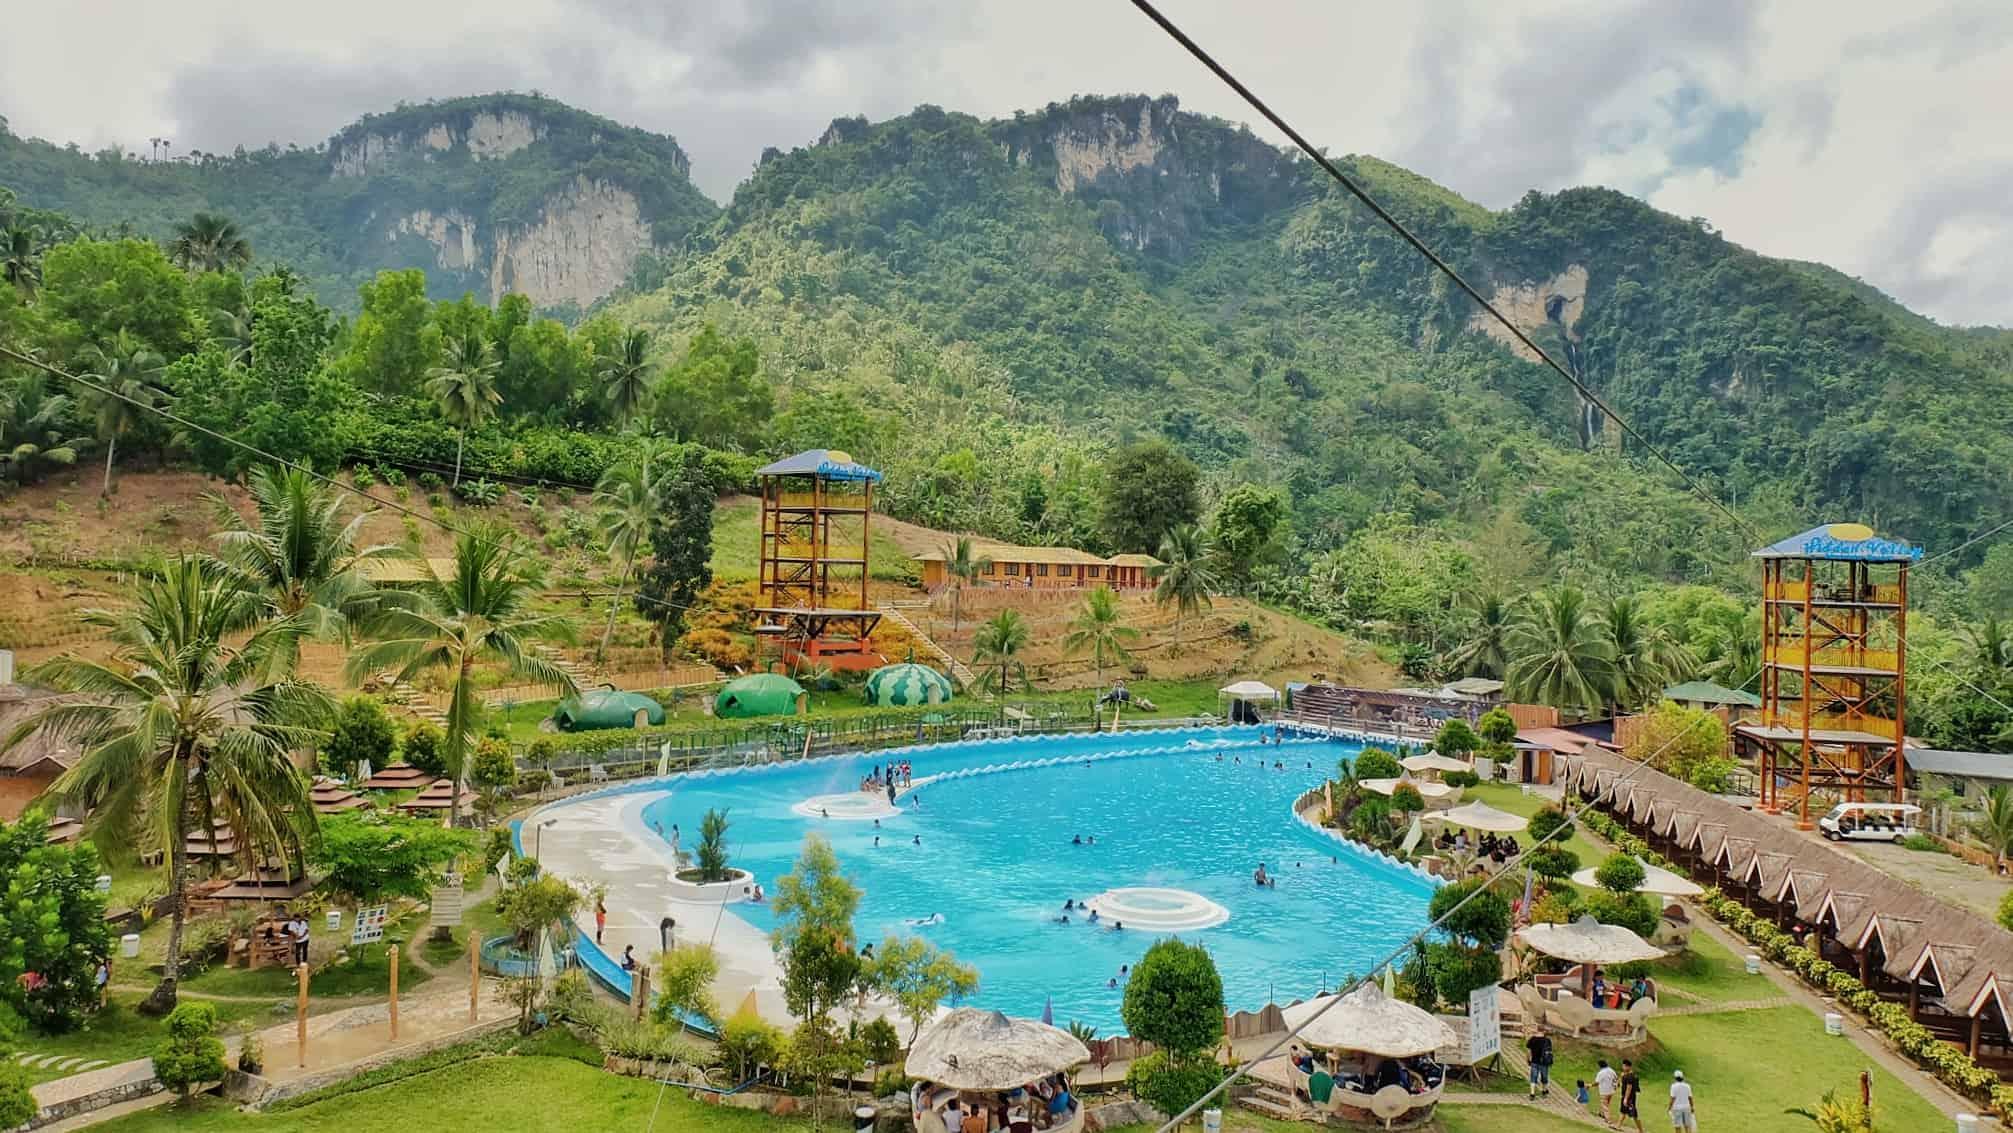 Hidden Valley Wave Pool Resort Pinamungajan Cebu (1)